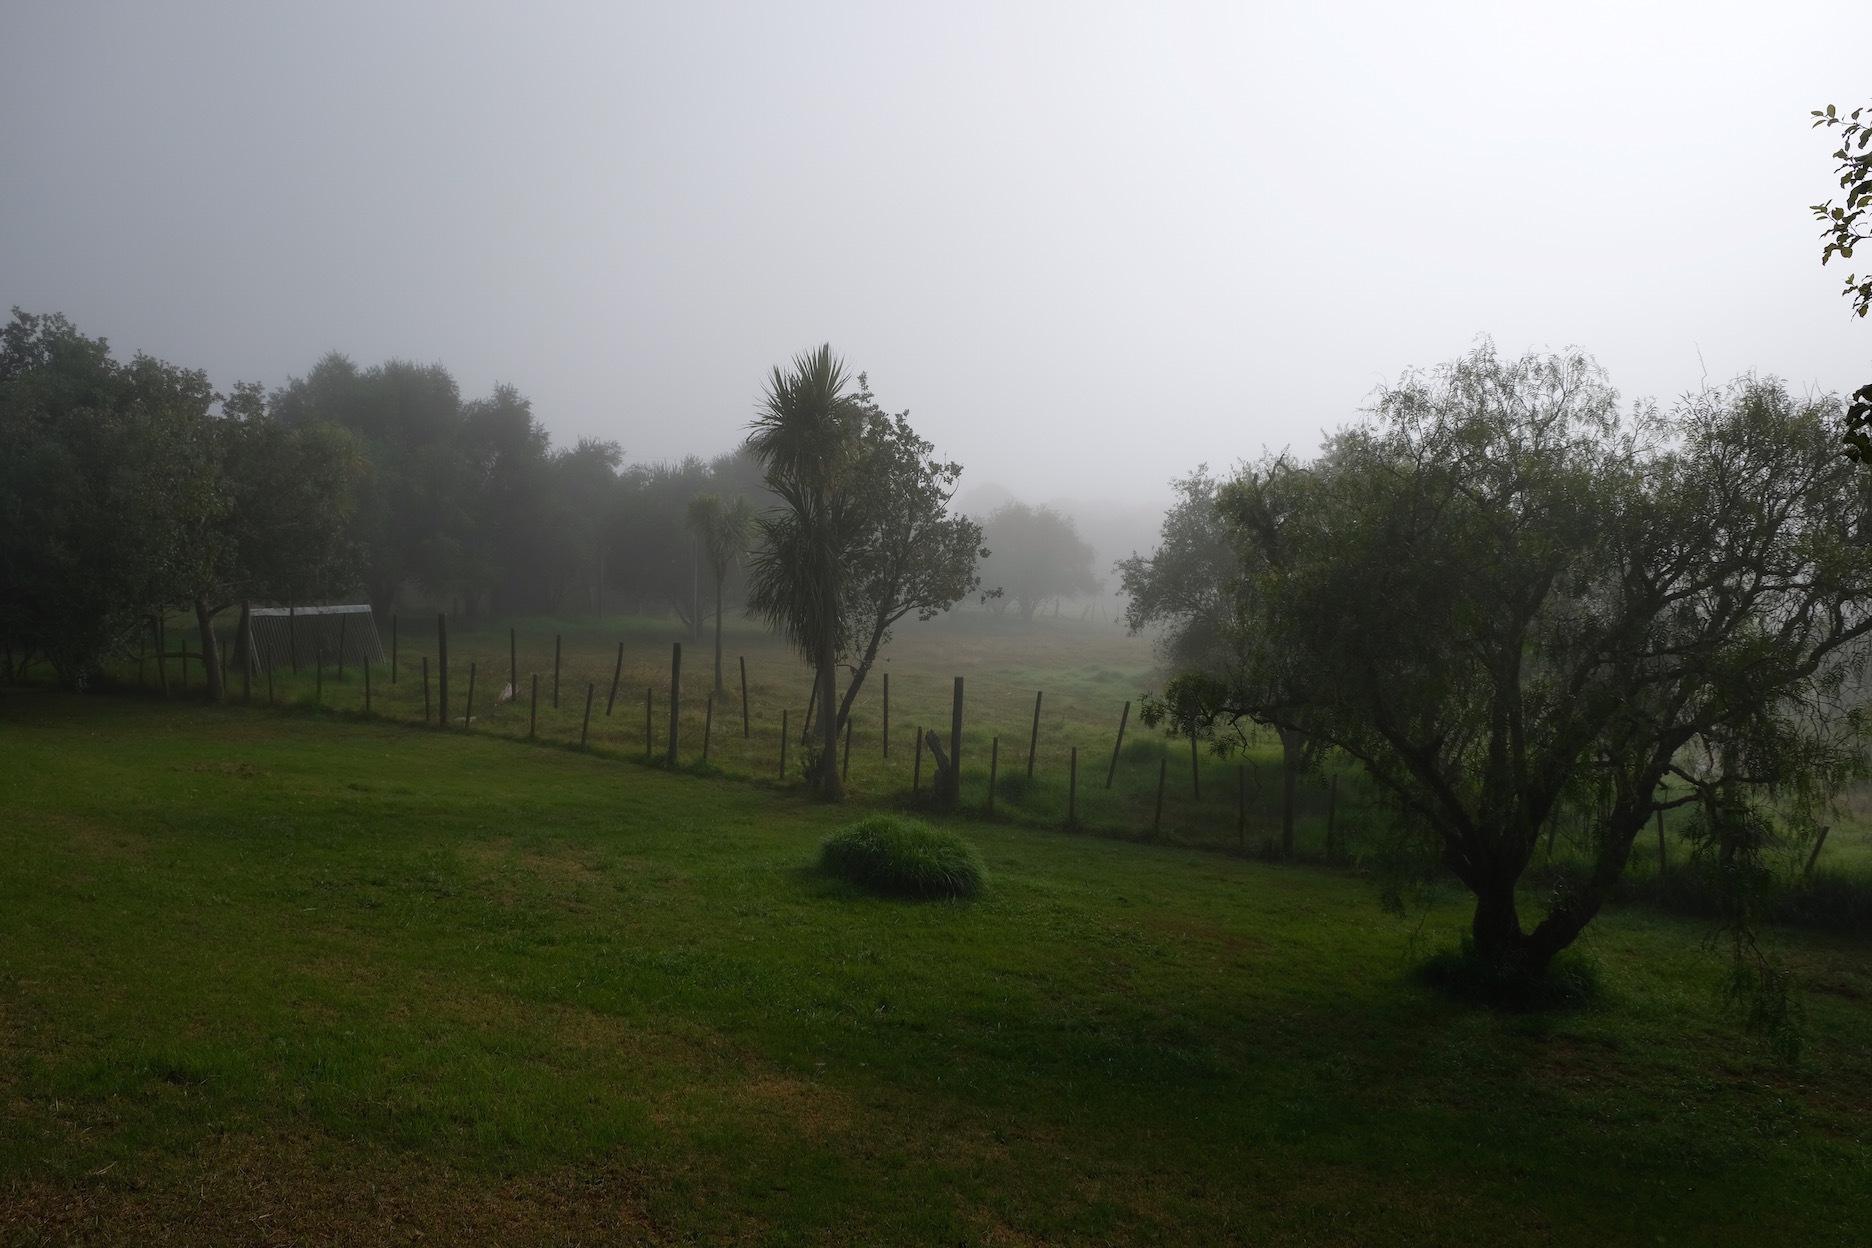 霧の朝、国の幸福度・再考/ Foggy Morning In My Garden_e0310424_16265375.jpg